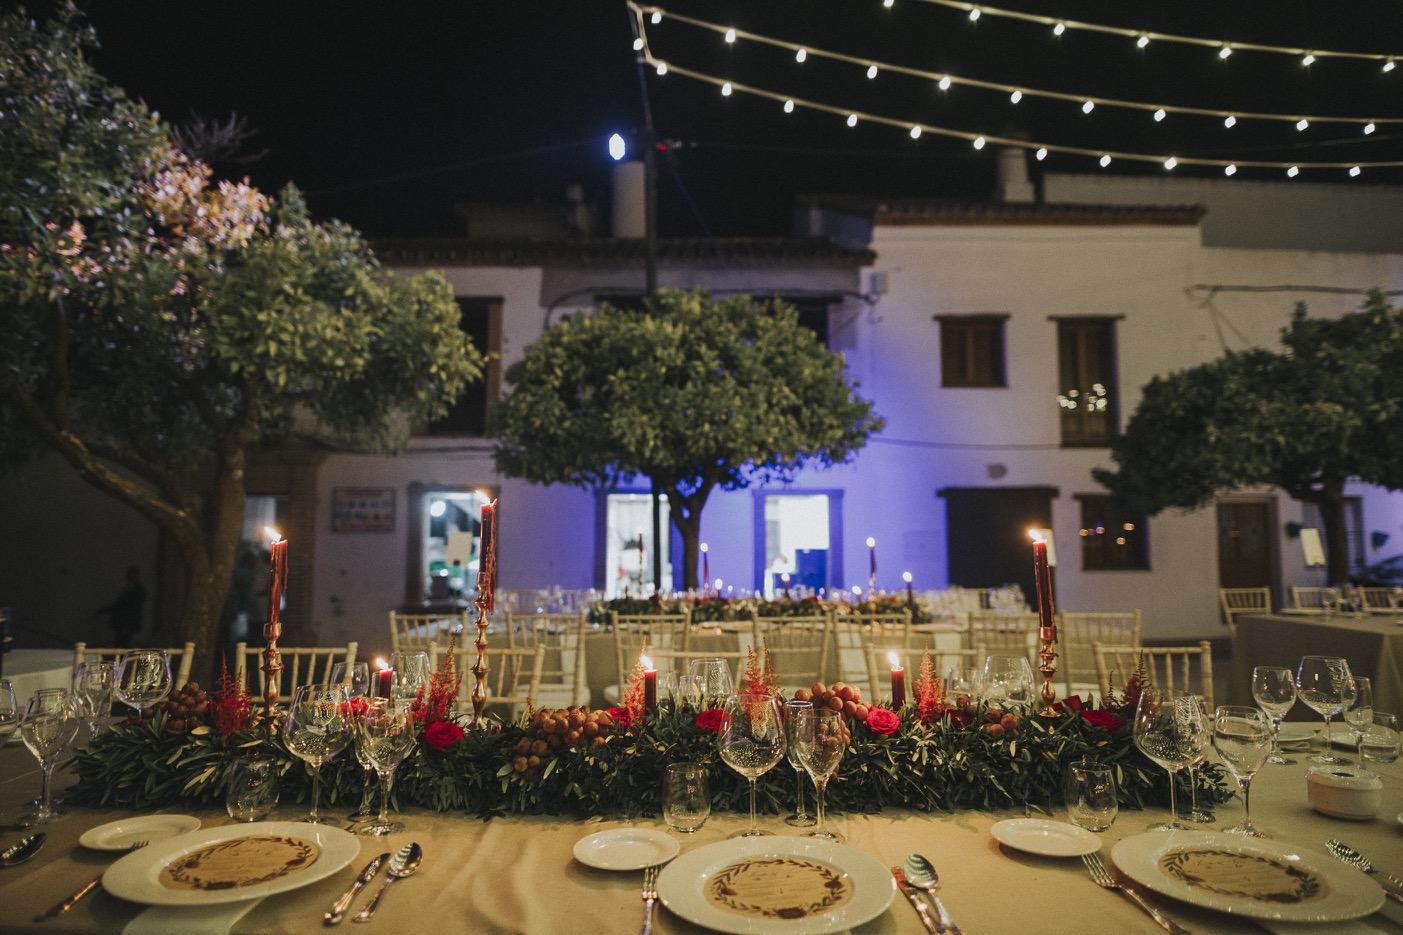 Si-Quiero-Wedding-Planner-By-Sira-Antequera-Bodas-Málaga-Marbella-Miami Toñi-Jarillo-1